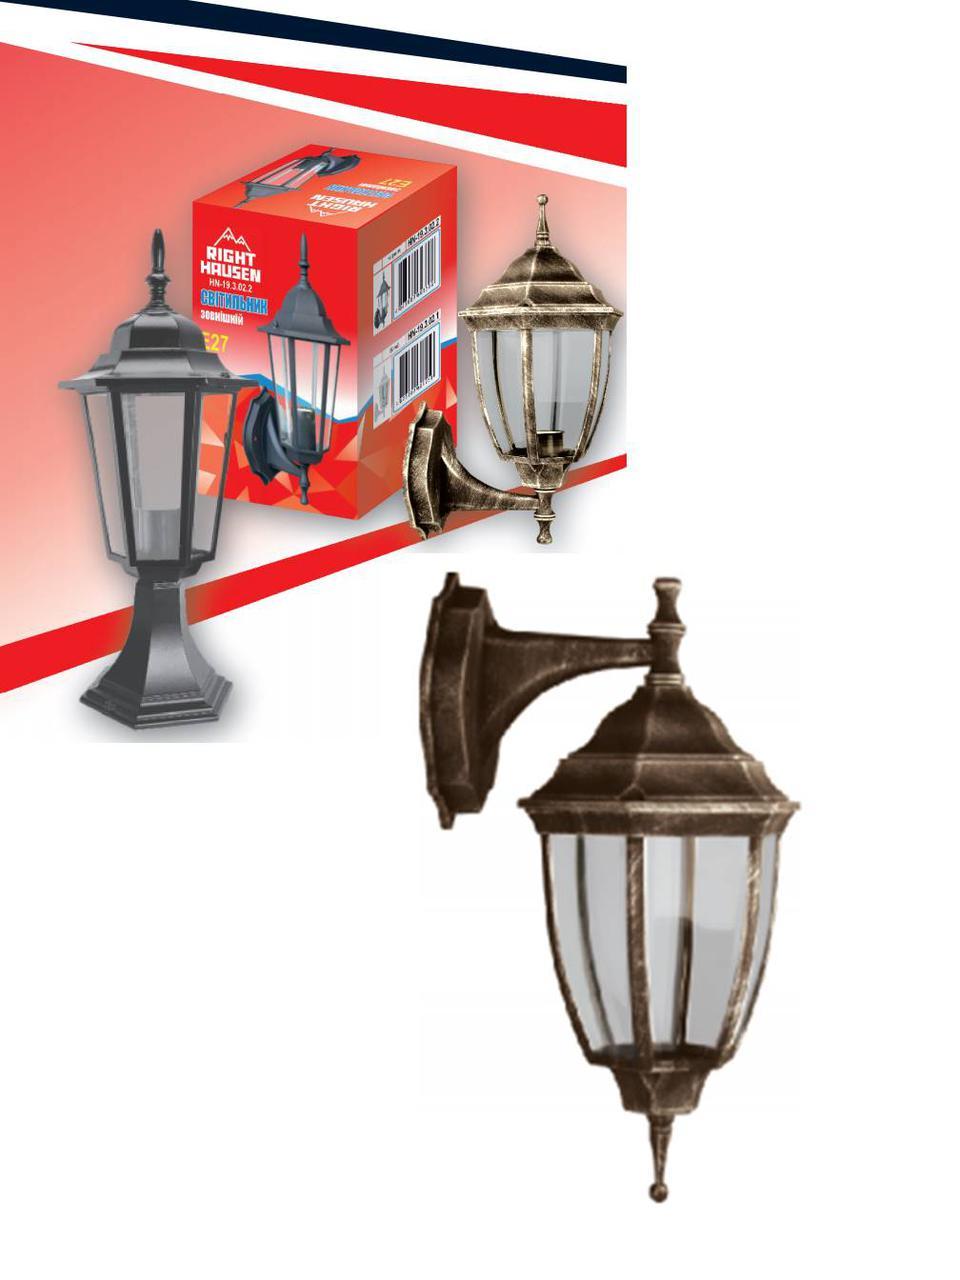 Настенный садово-парковый светильник бра античное золото прозрачное стекло Right Hausen